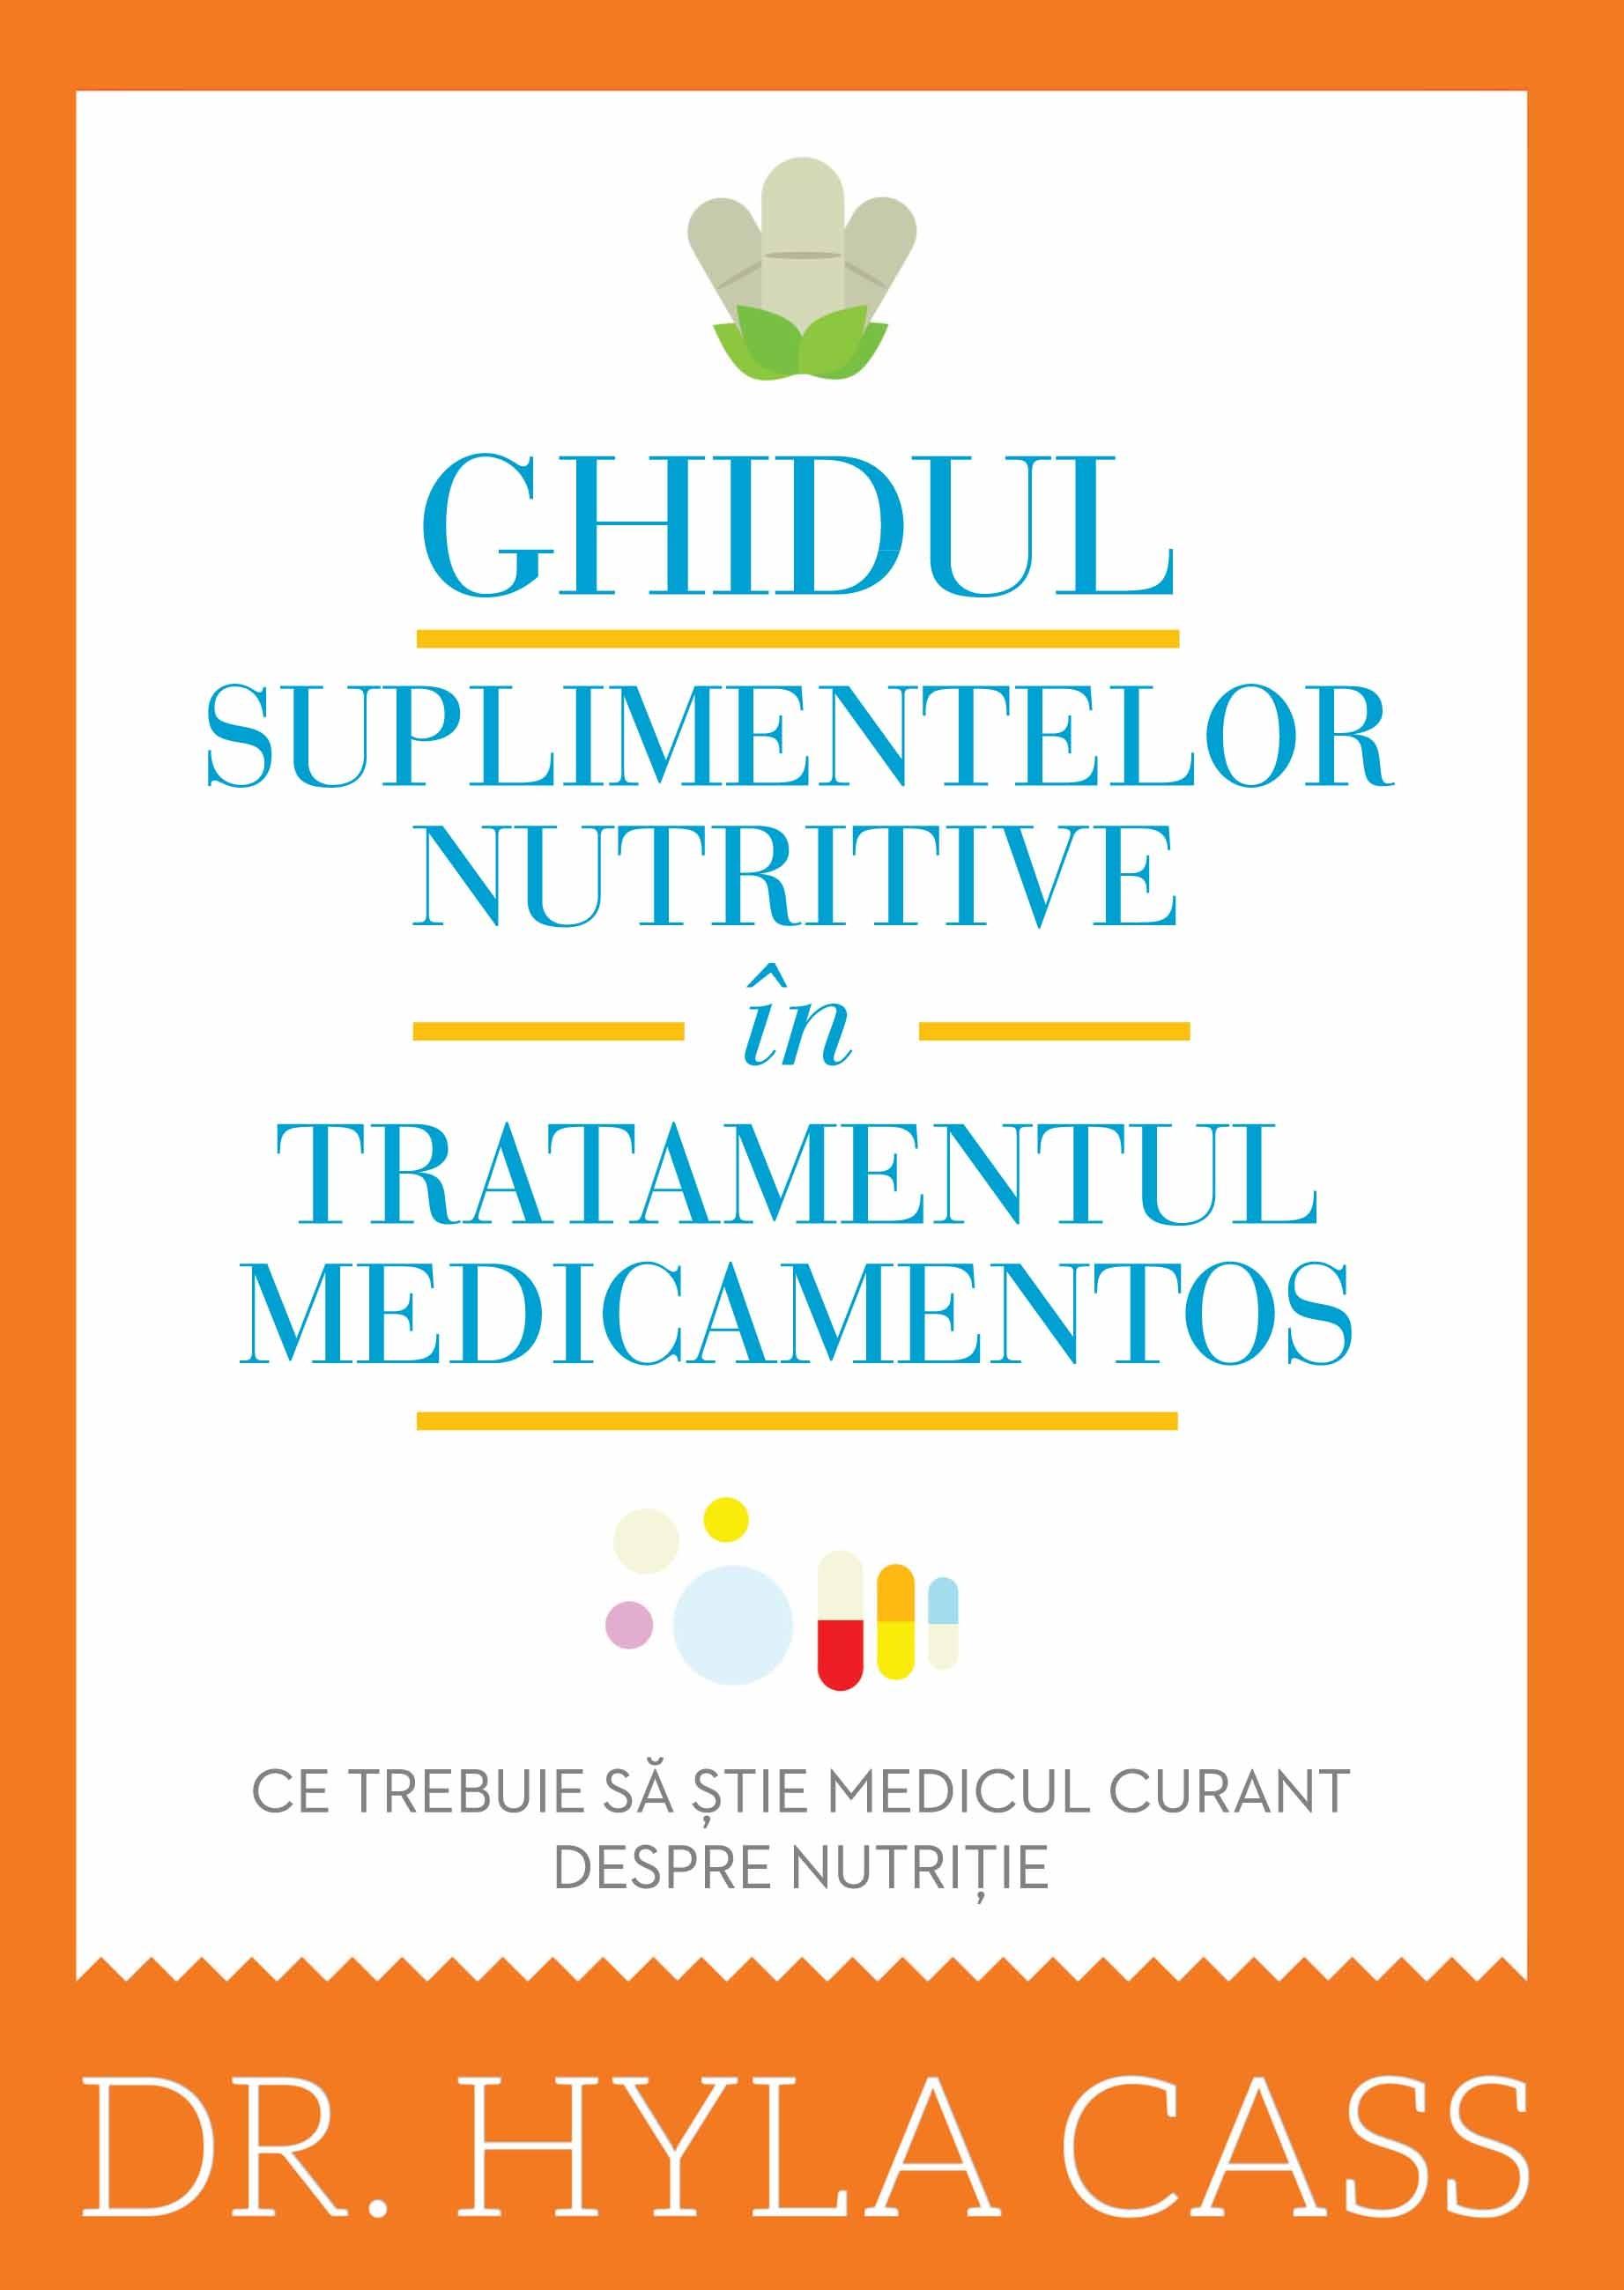 Ghidul suplimentelor nutritive în tratamentul medicamentos - Dr. Hyla Cass